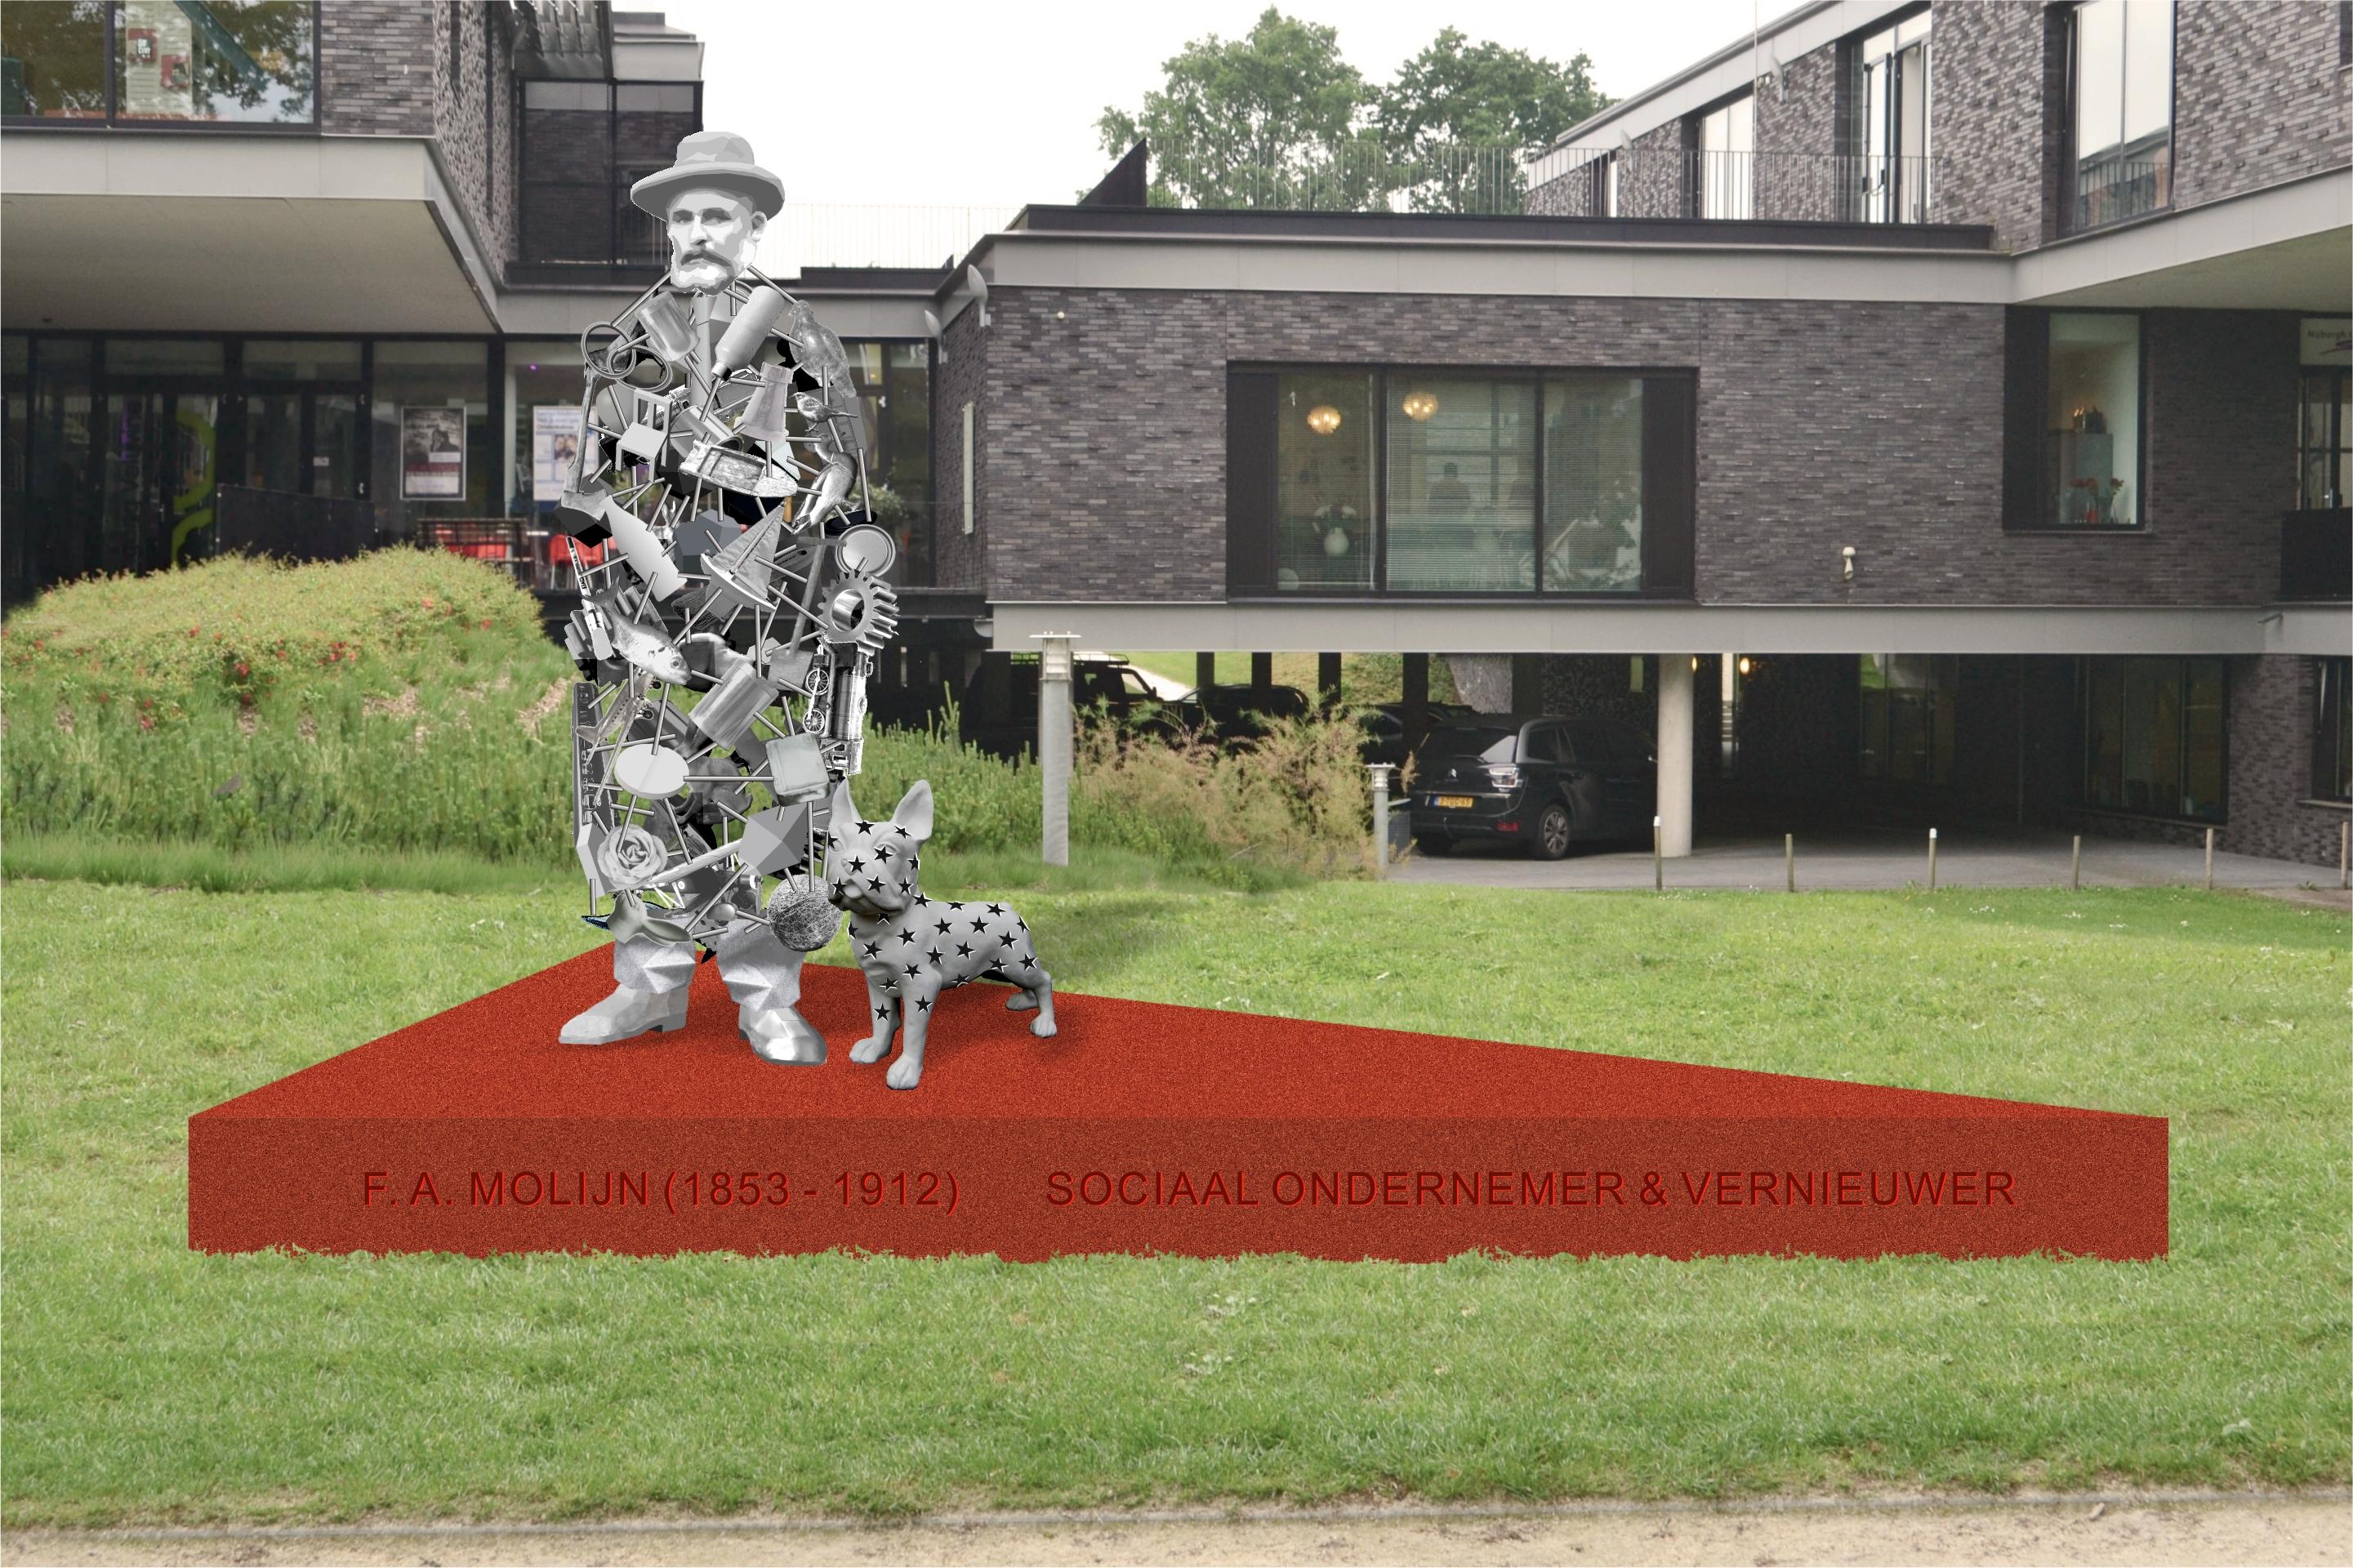 Ontwerp gekozen voor beeld ter ere van F.A. Molijn in Nunspeet